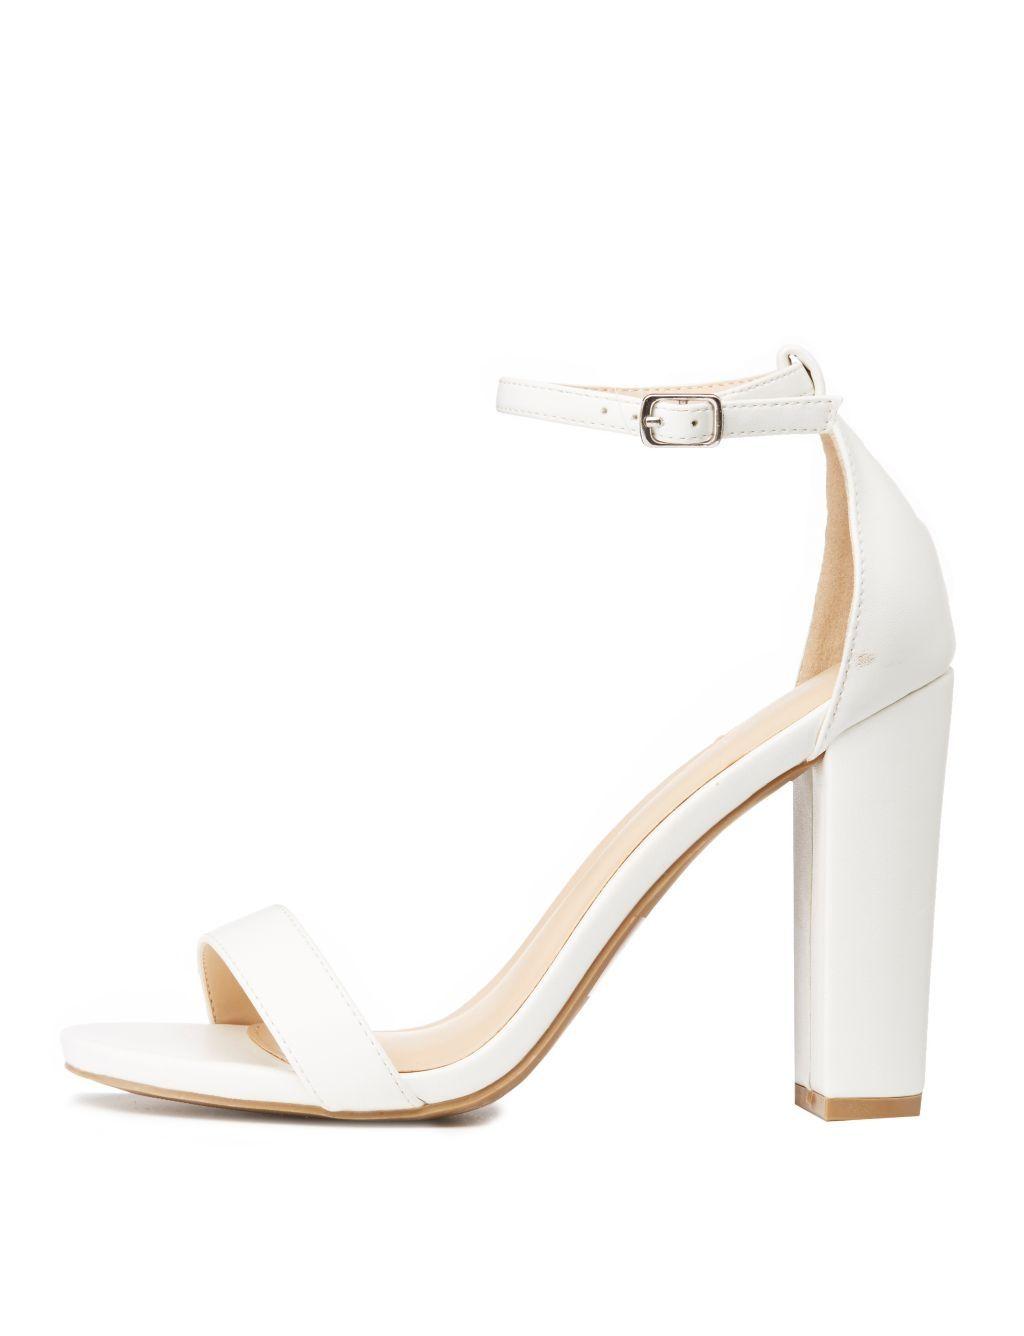 6ba3130a38 Charlotte Russe Ankle Strap Dress Sandals | Shoes | kanbkam.com